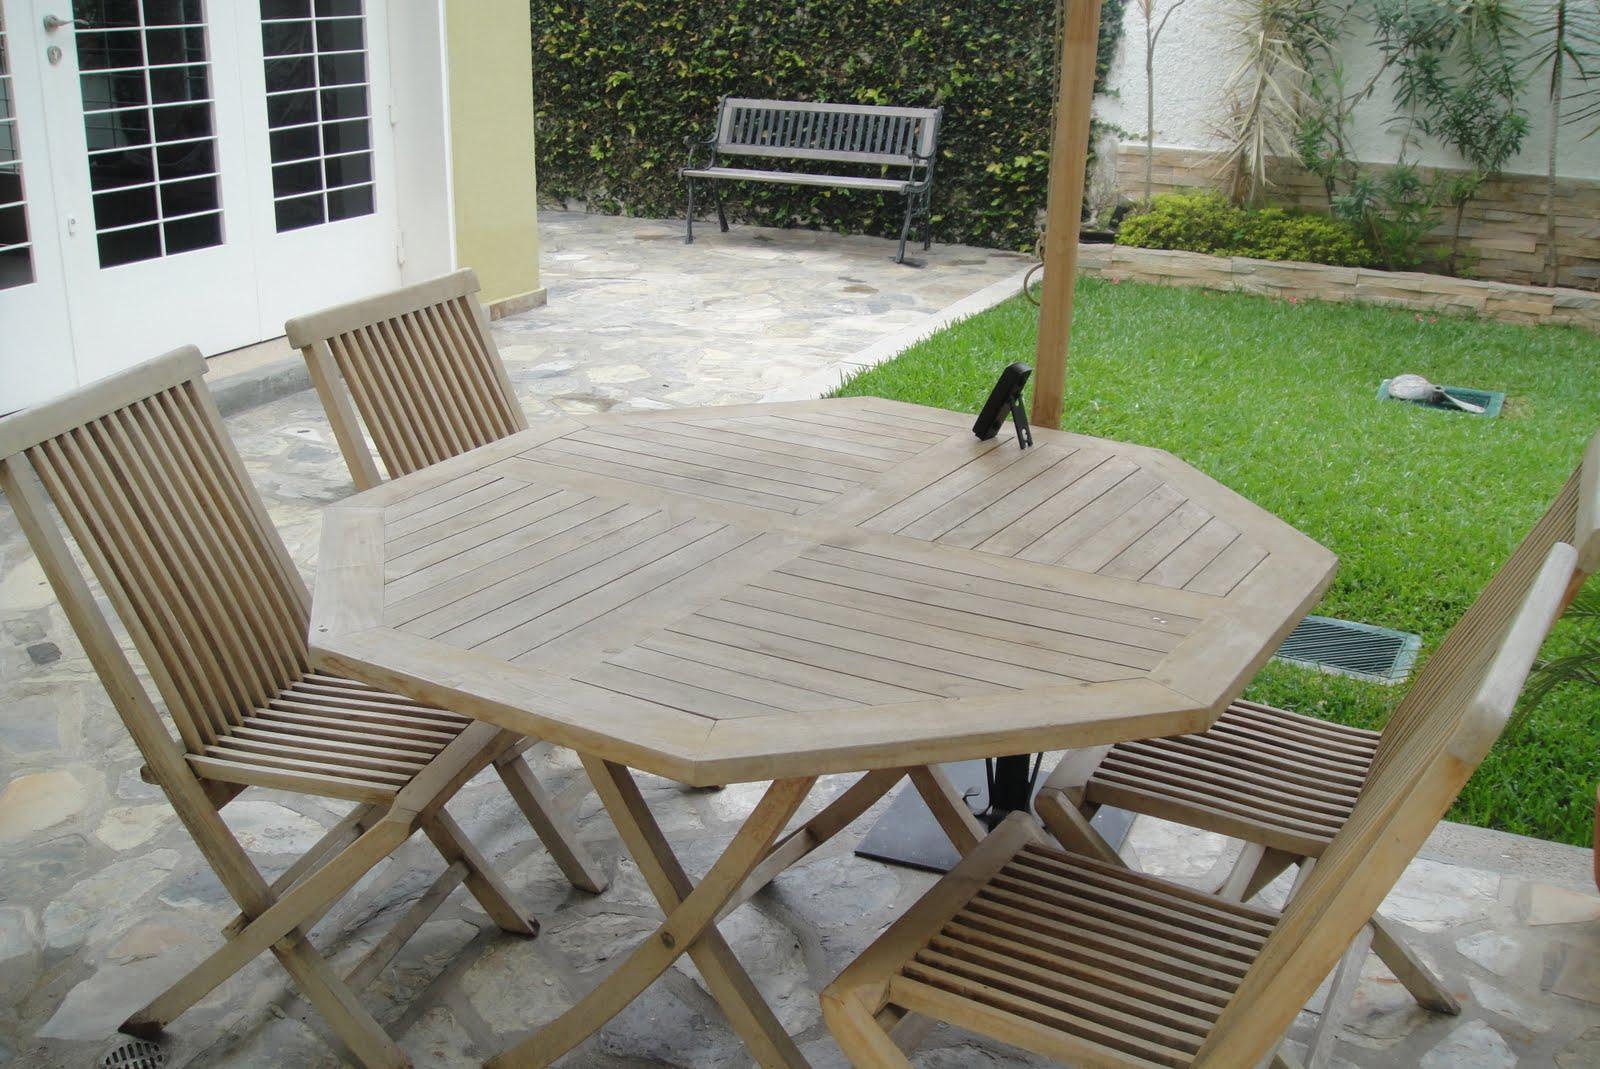 Venta de garage juego de jardin con toldos y sillas de - Sillas madera jardin ...